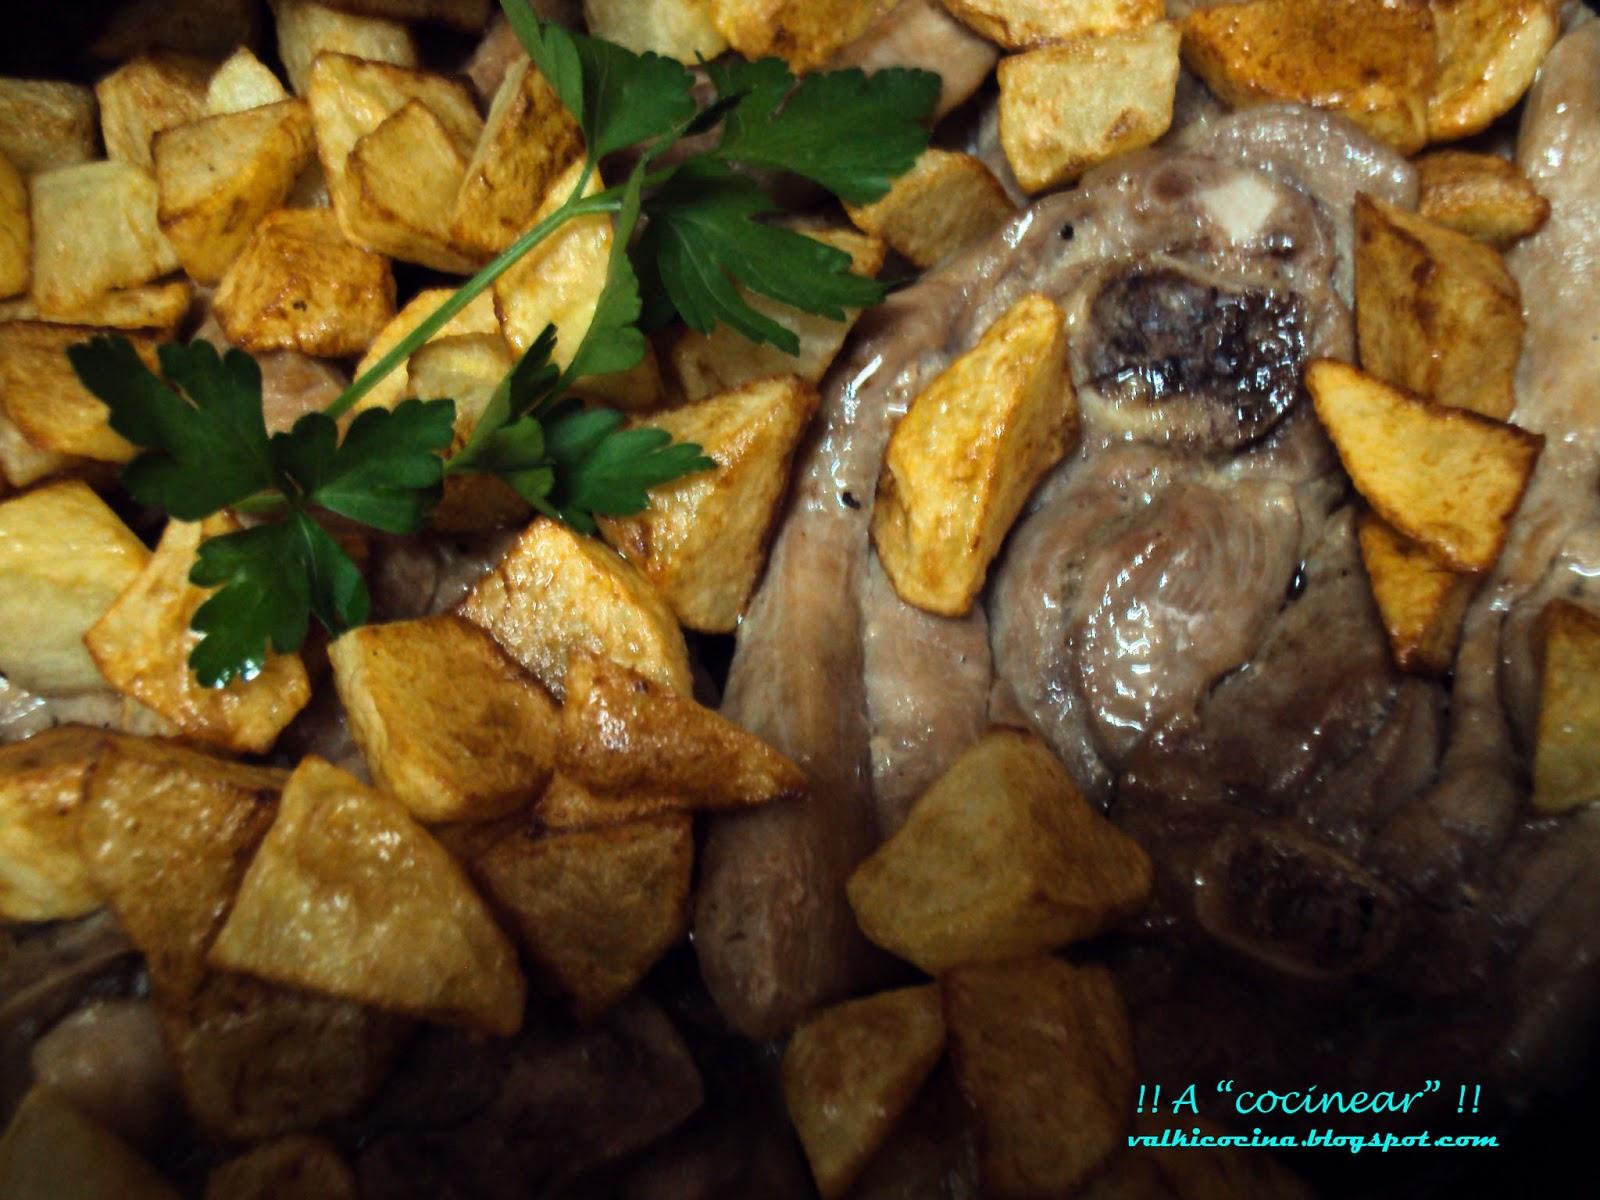 Cocinar Muslos De Pavo | Chuletas De Pavo Al Ajillo A Cocinear Recetas Valkicocina Com